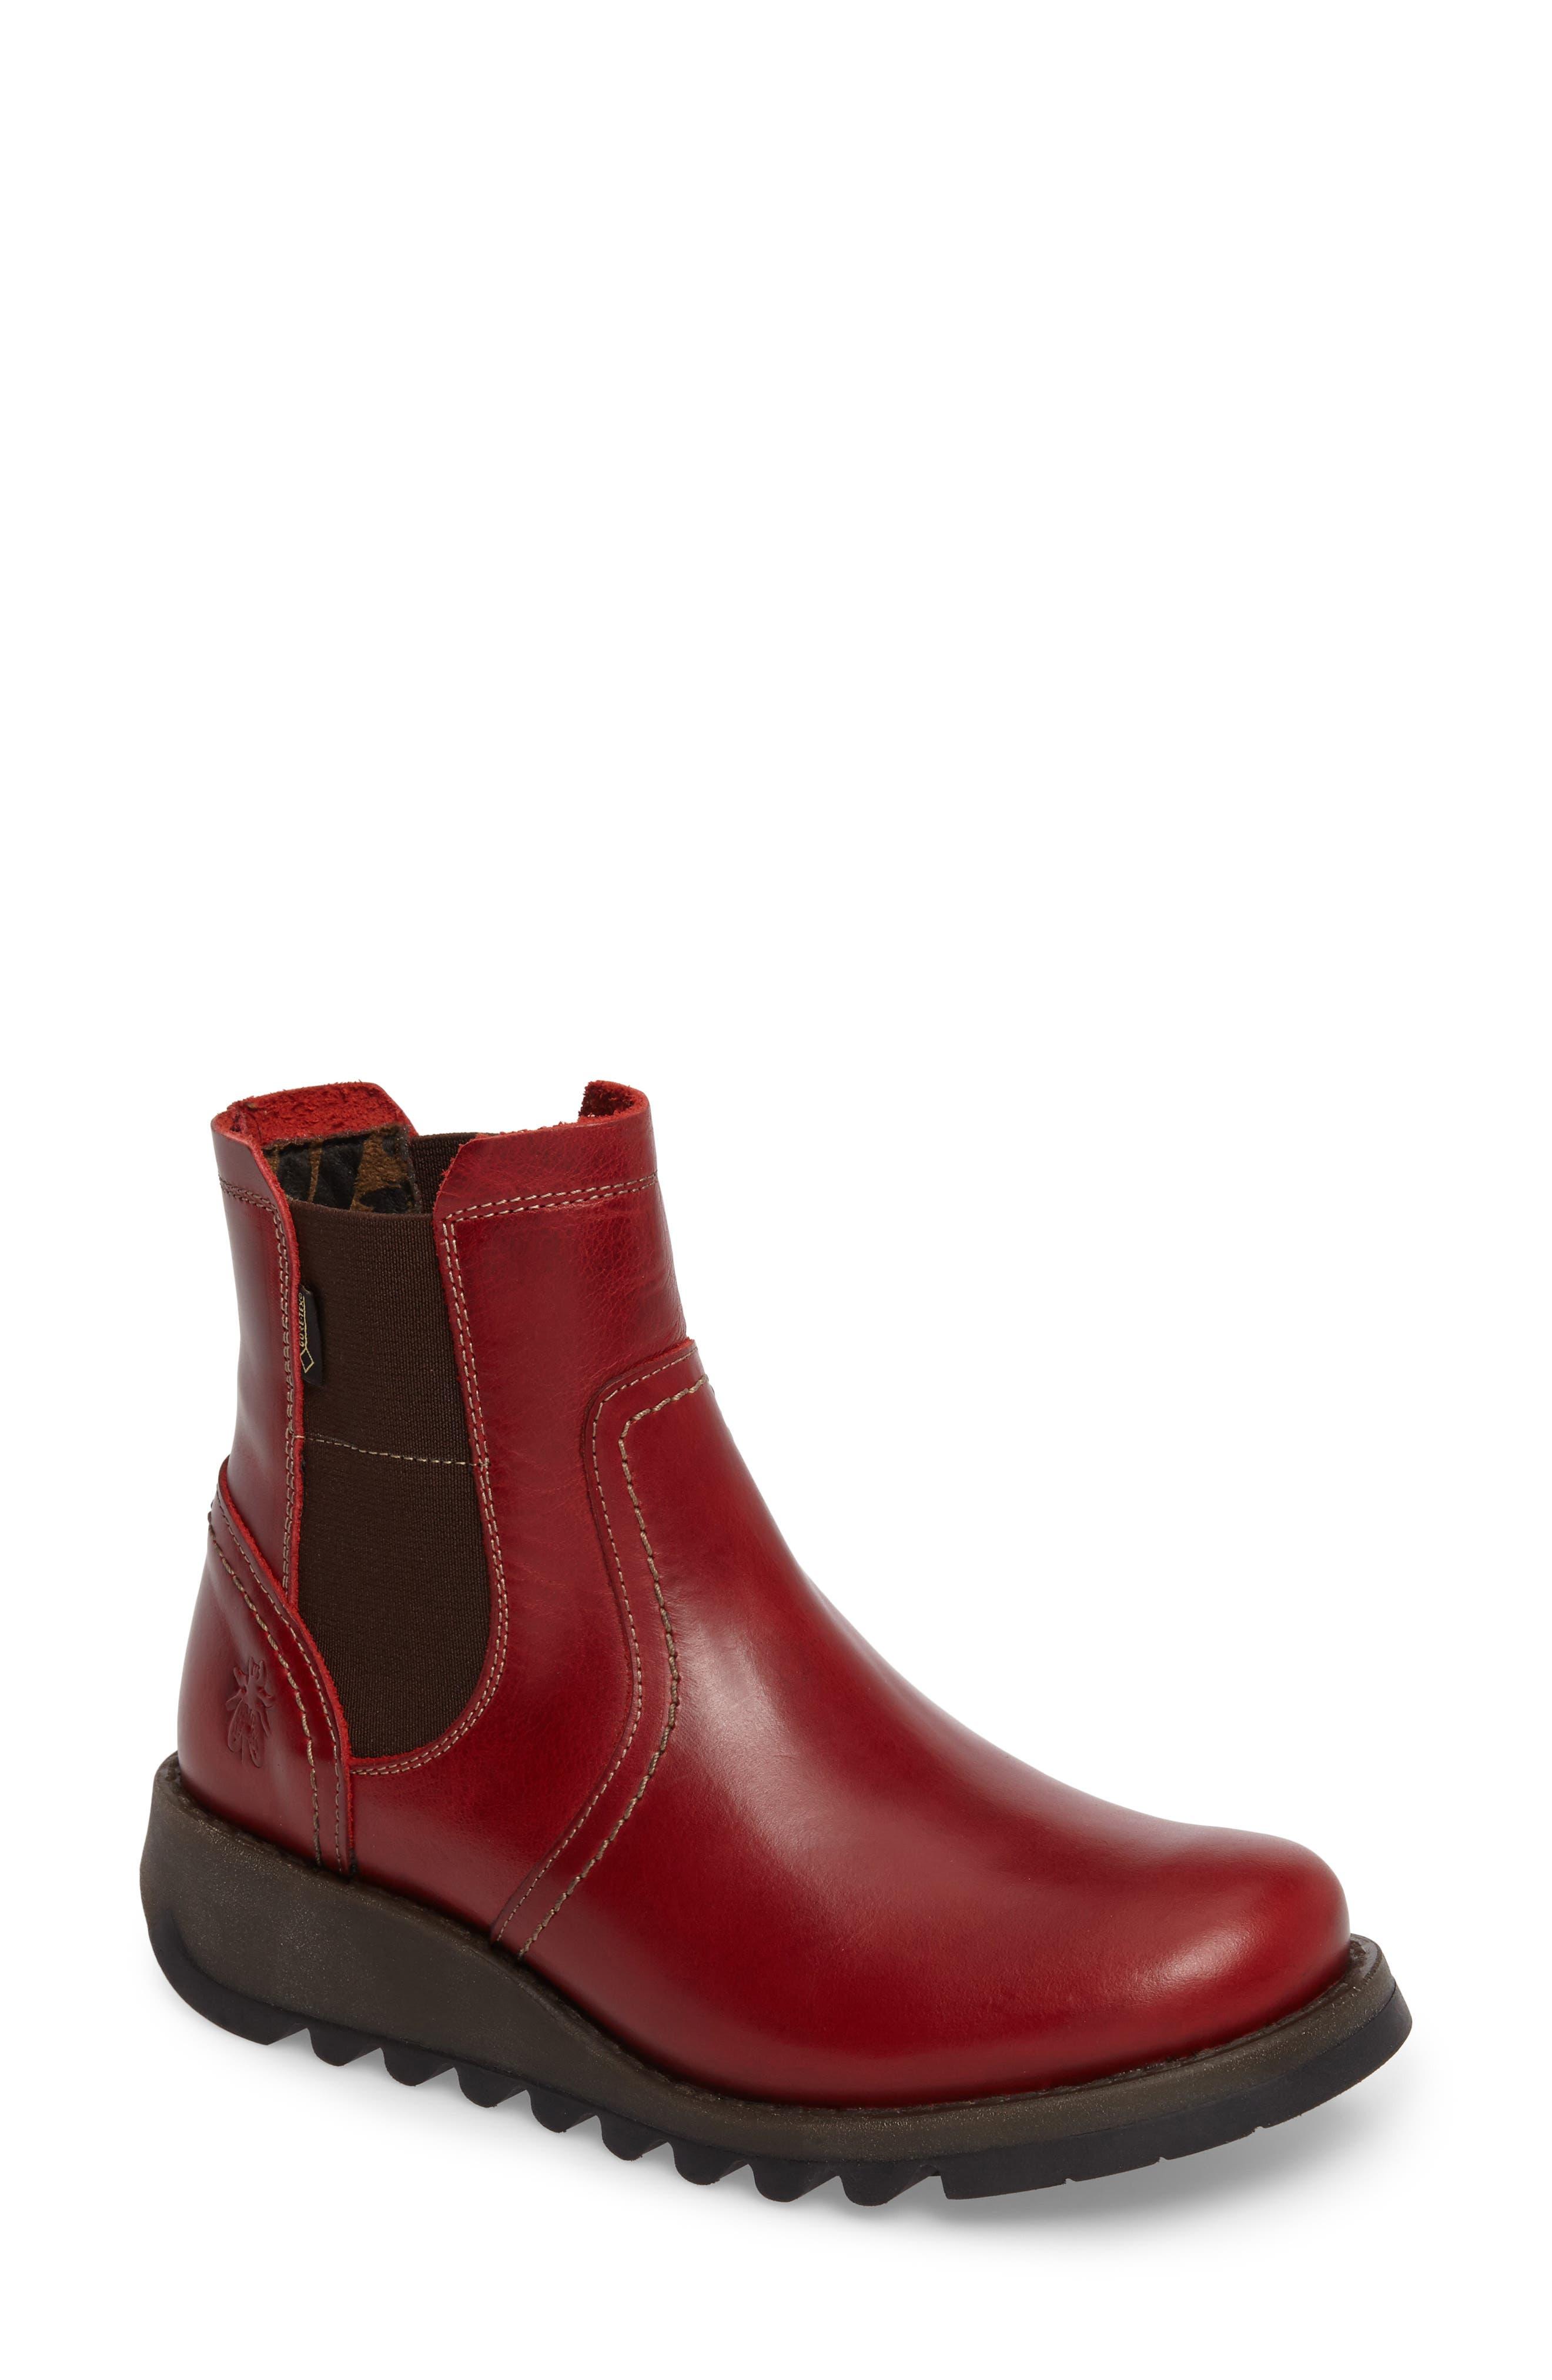 Fly London Scon Chelsea Boot (Women)